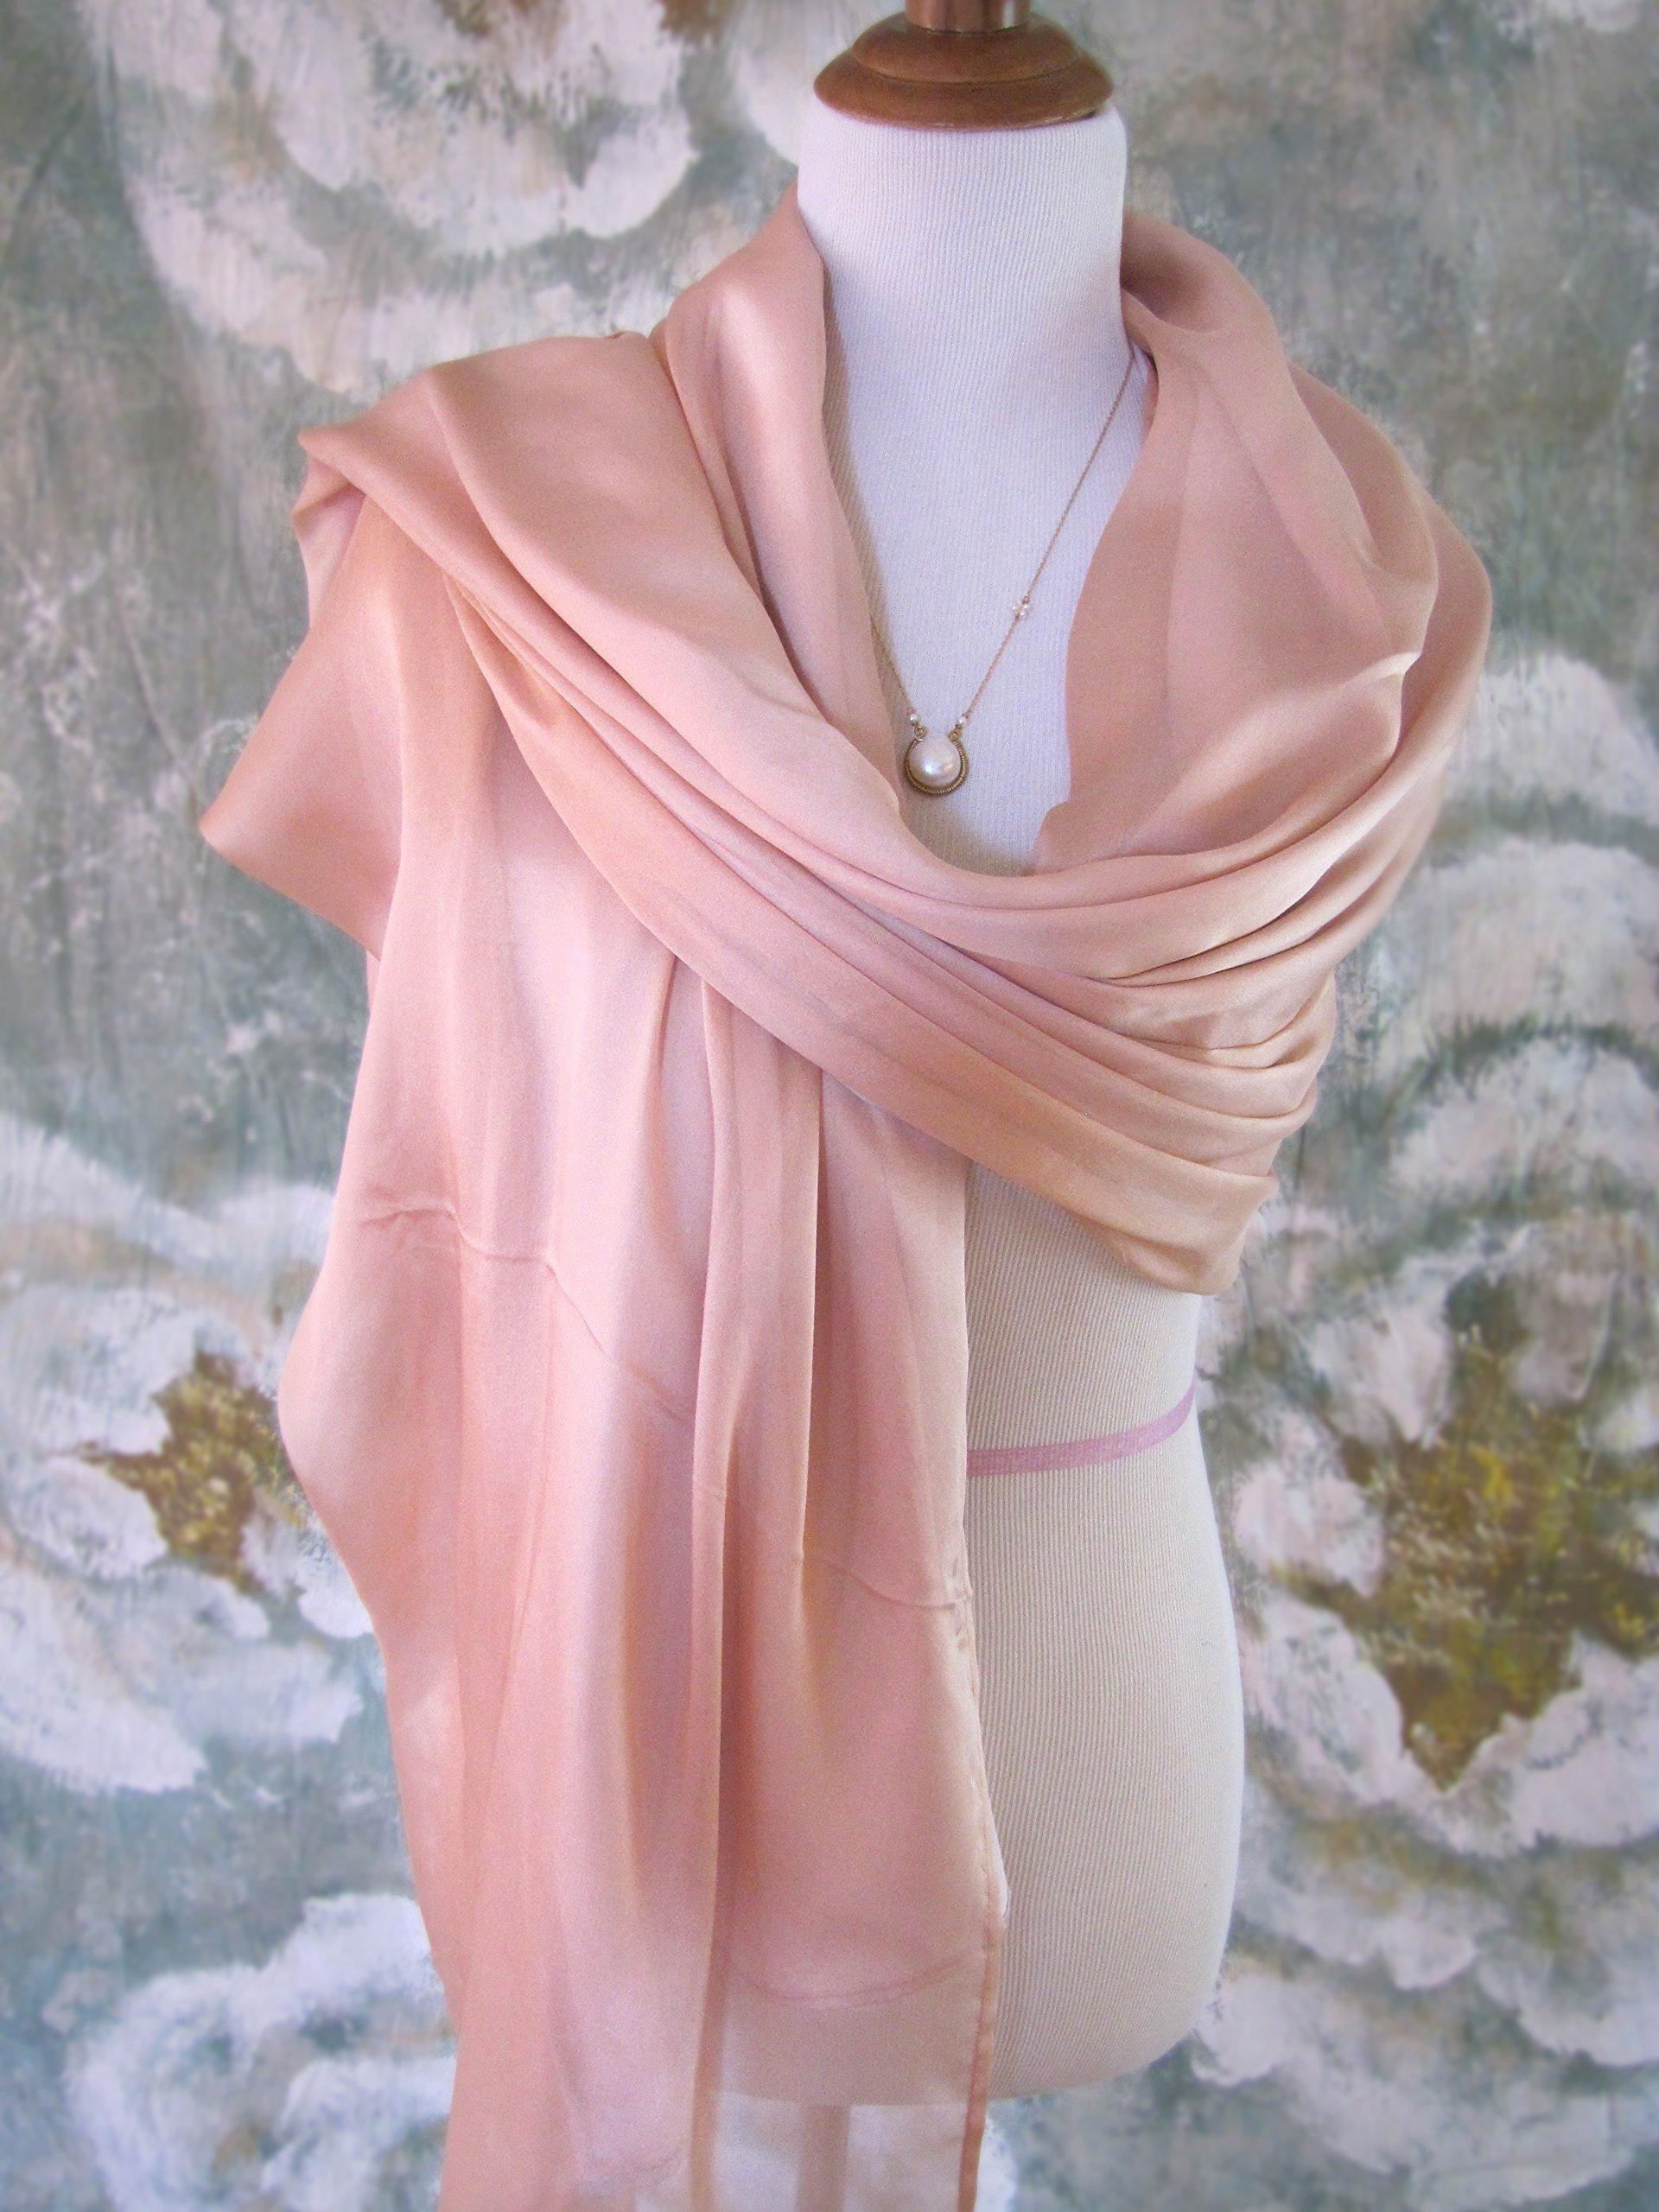 Silk Evening Wrap, Silk Shawl, Two-tone Peach and Lavender, Silk Scarf, Evening Shawl, Handmade